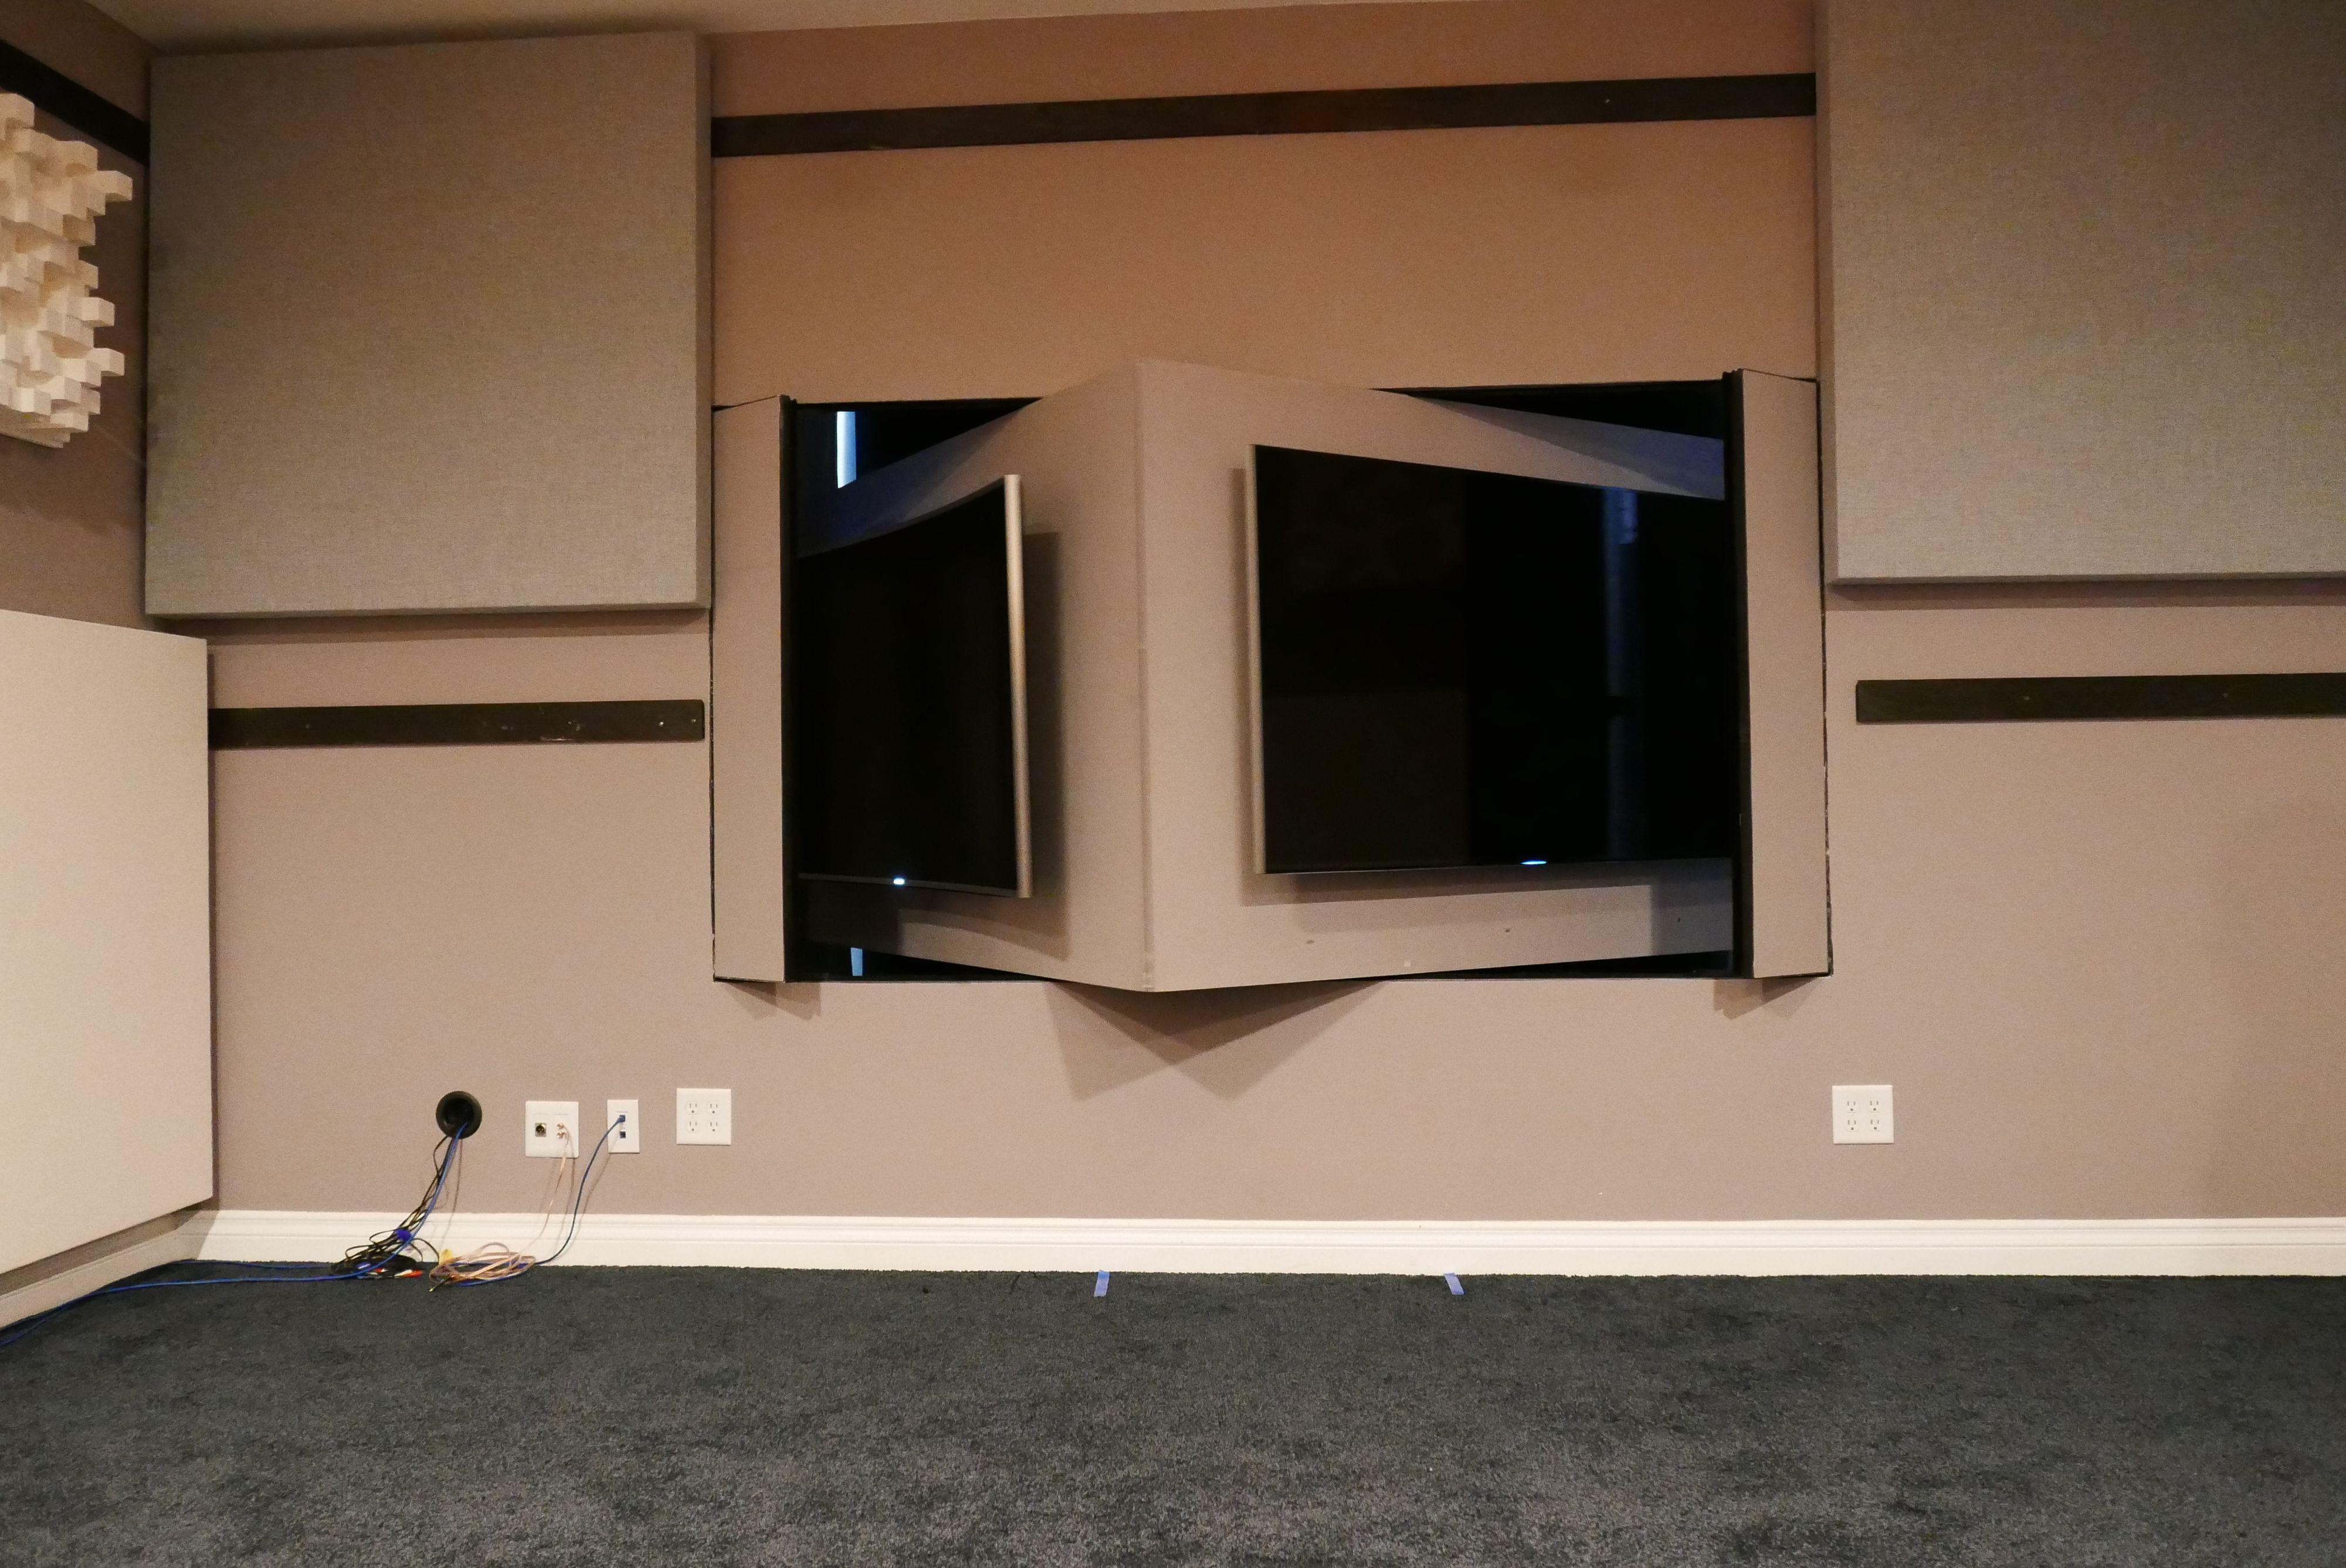 Denne veggen er labben trolig alene om i verden å ha. Her kan du bruke inntil fire TV-er i blindtest samtidig. Foto: Ole Henrik Johansen / Tek.no